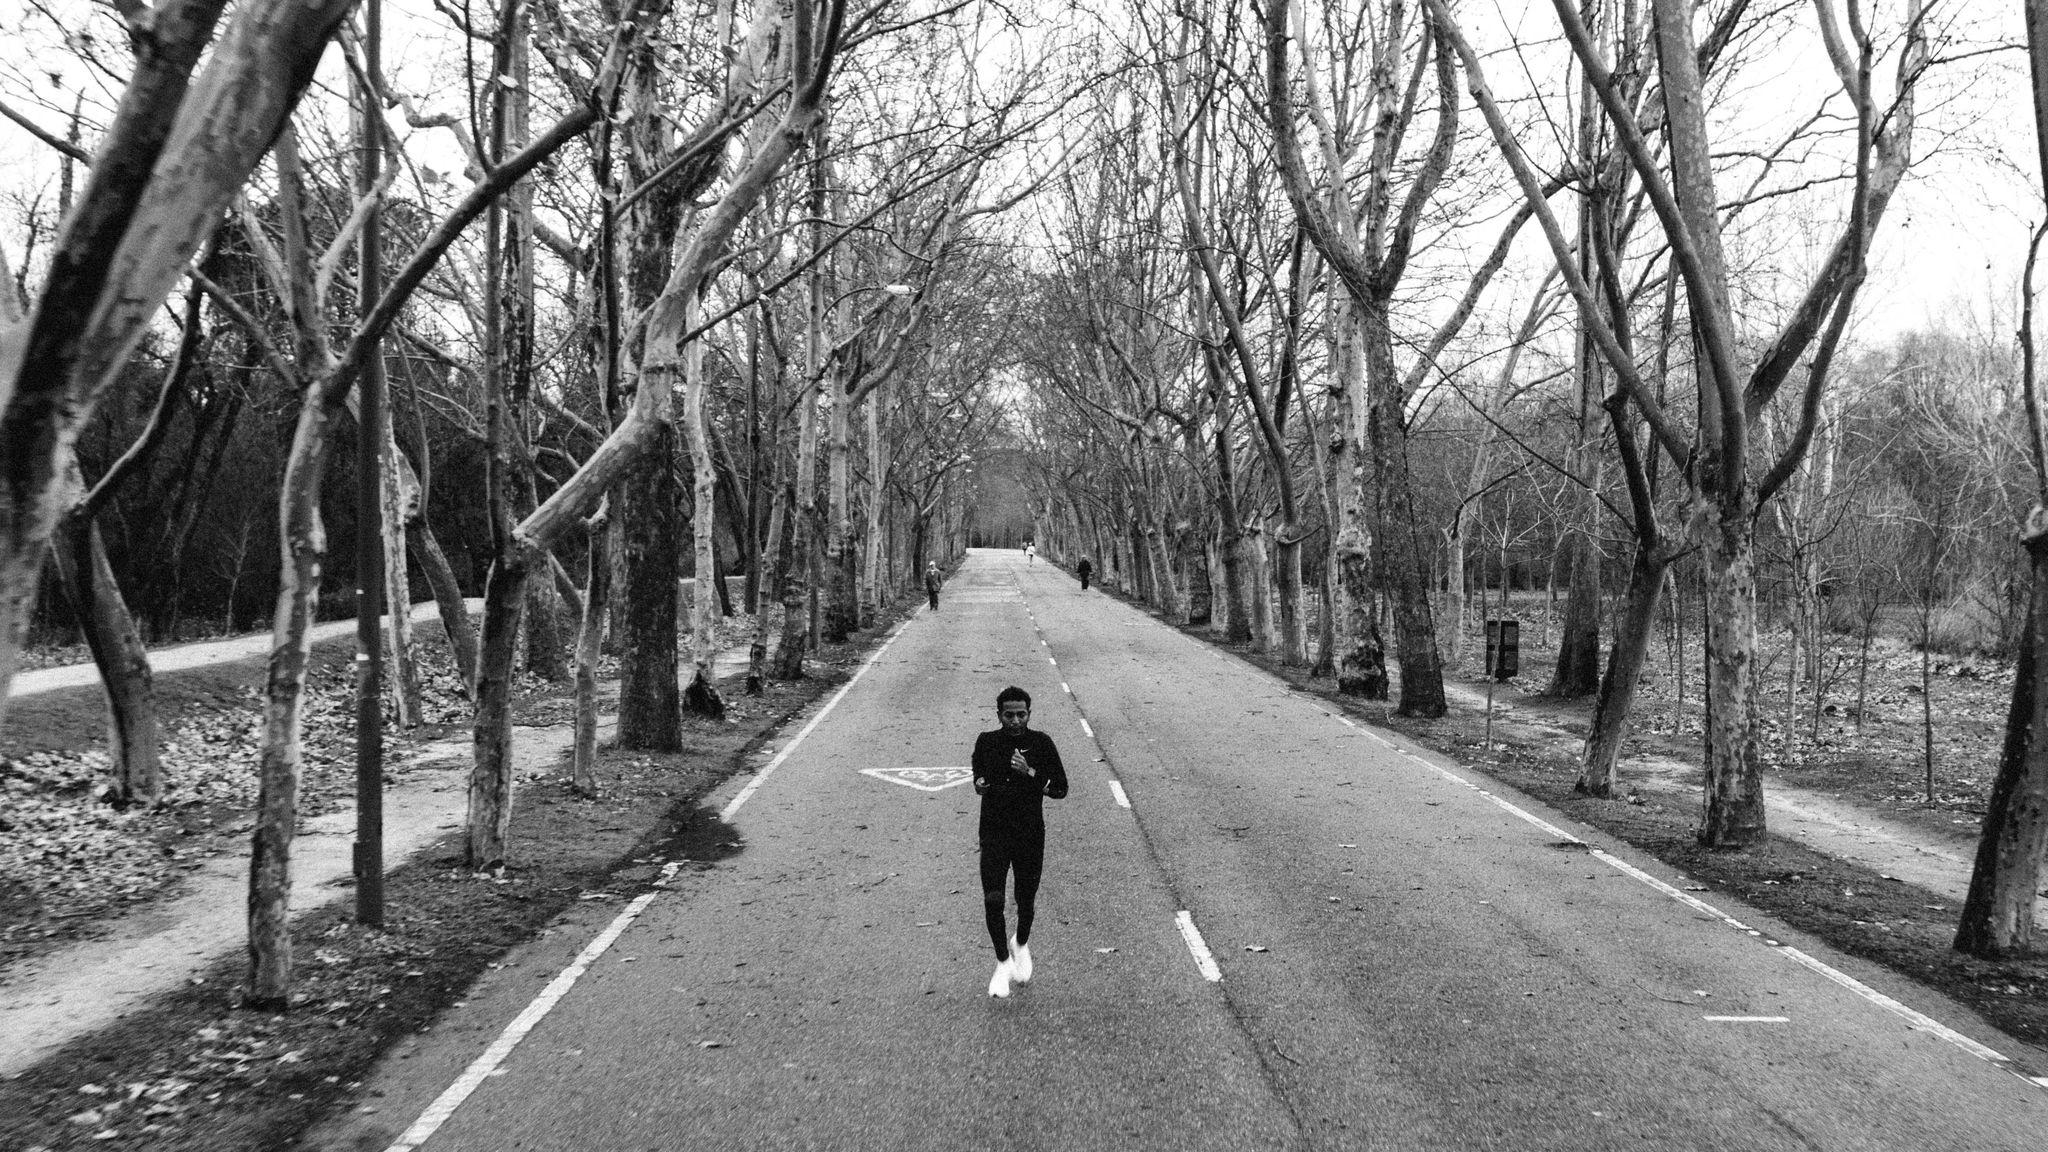 Tadese corre en solitario por una carretera.